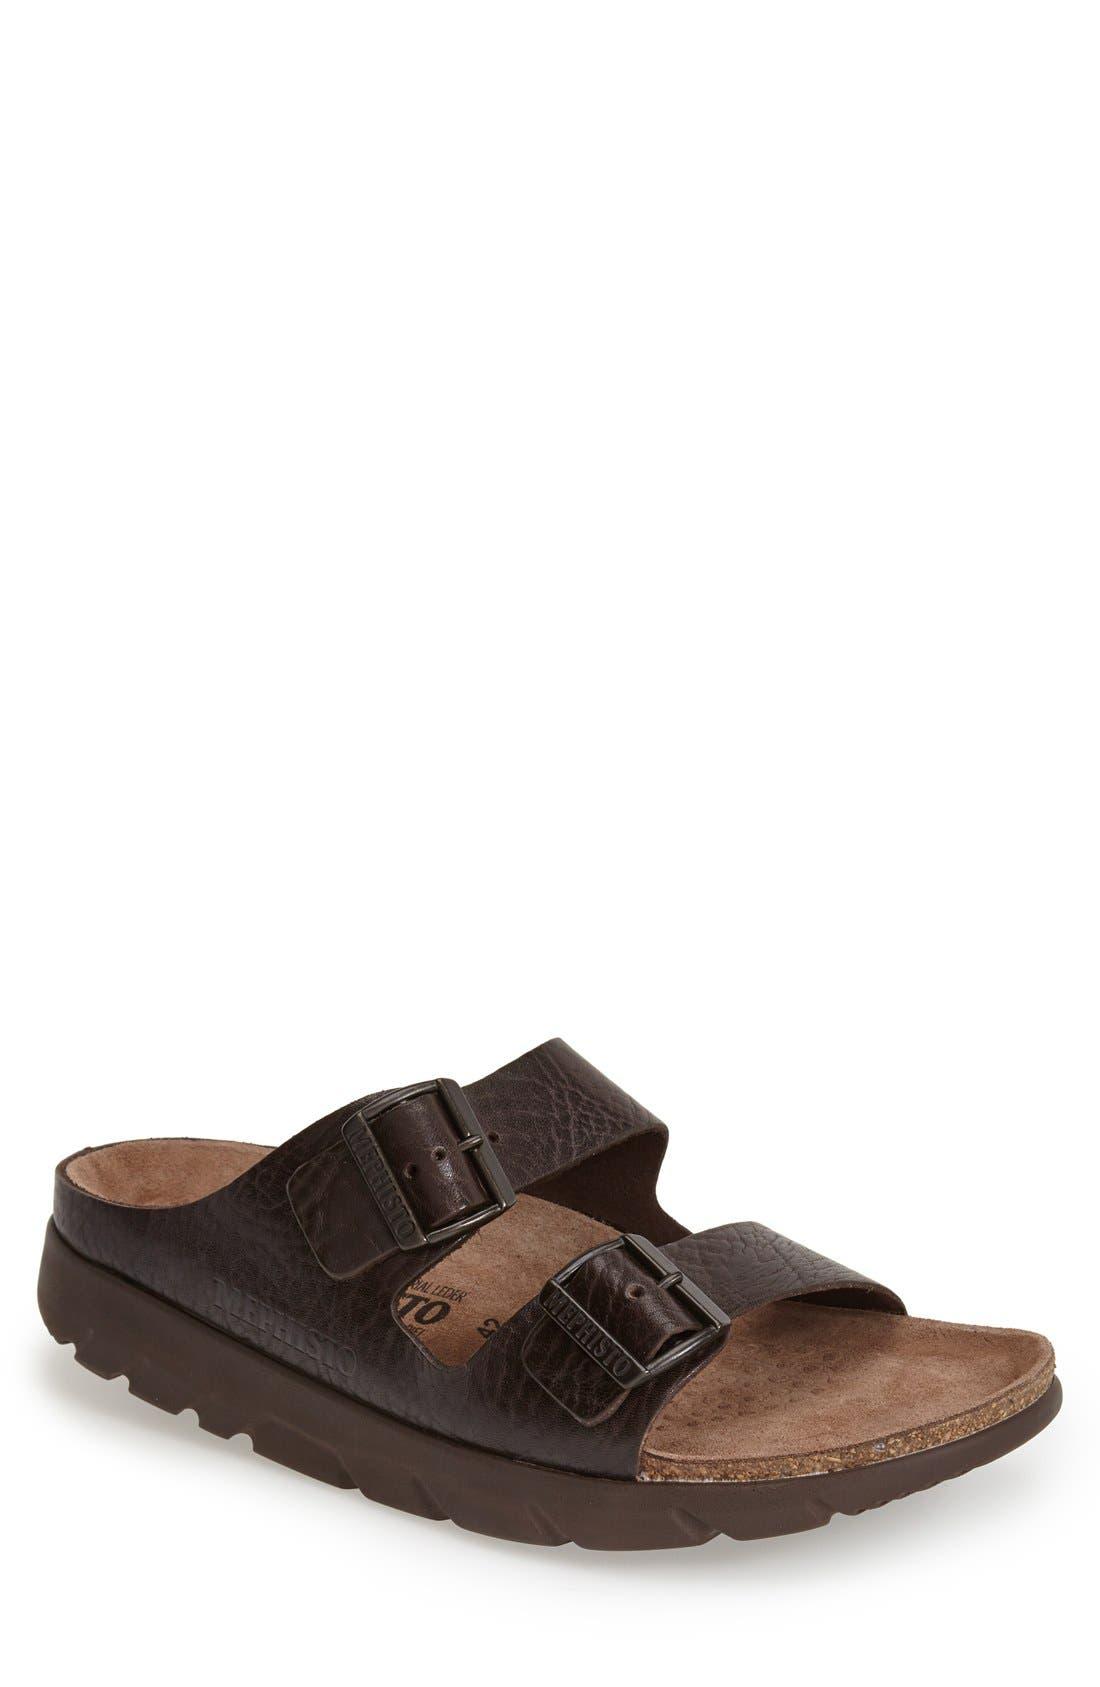 'Zonder 2' Sandal, Main, color, DARK BROWN GRAIN